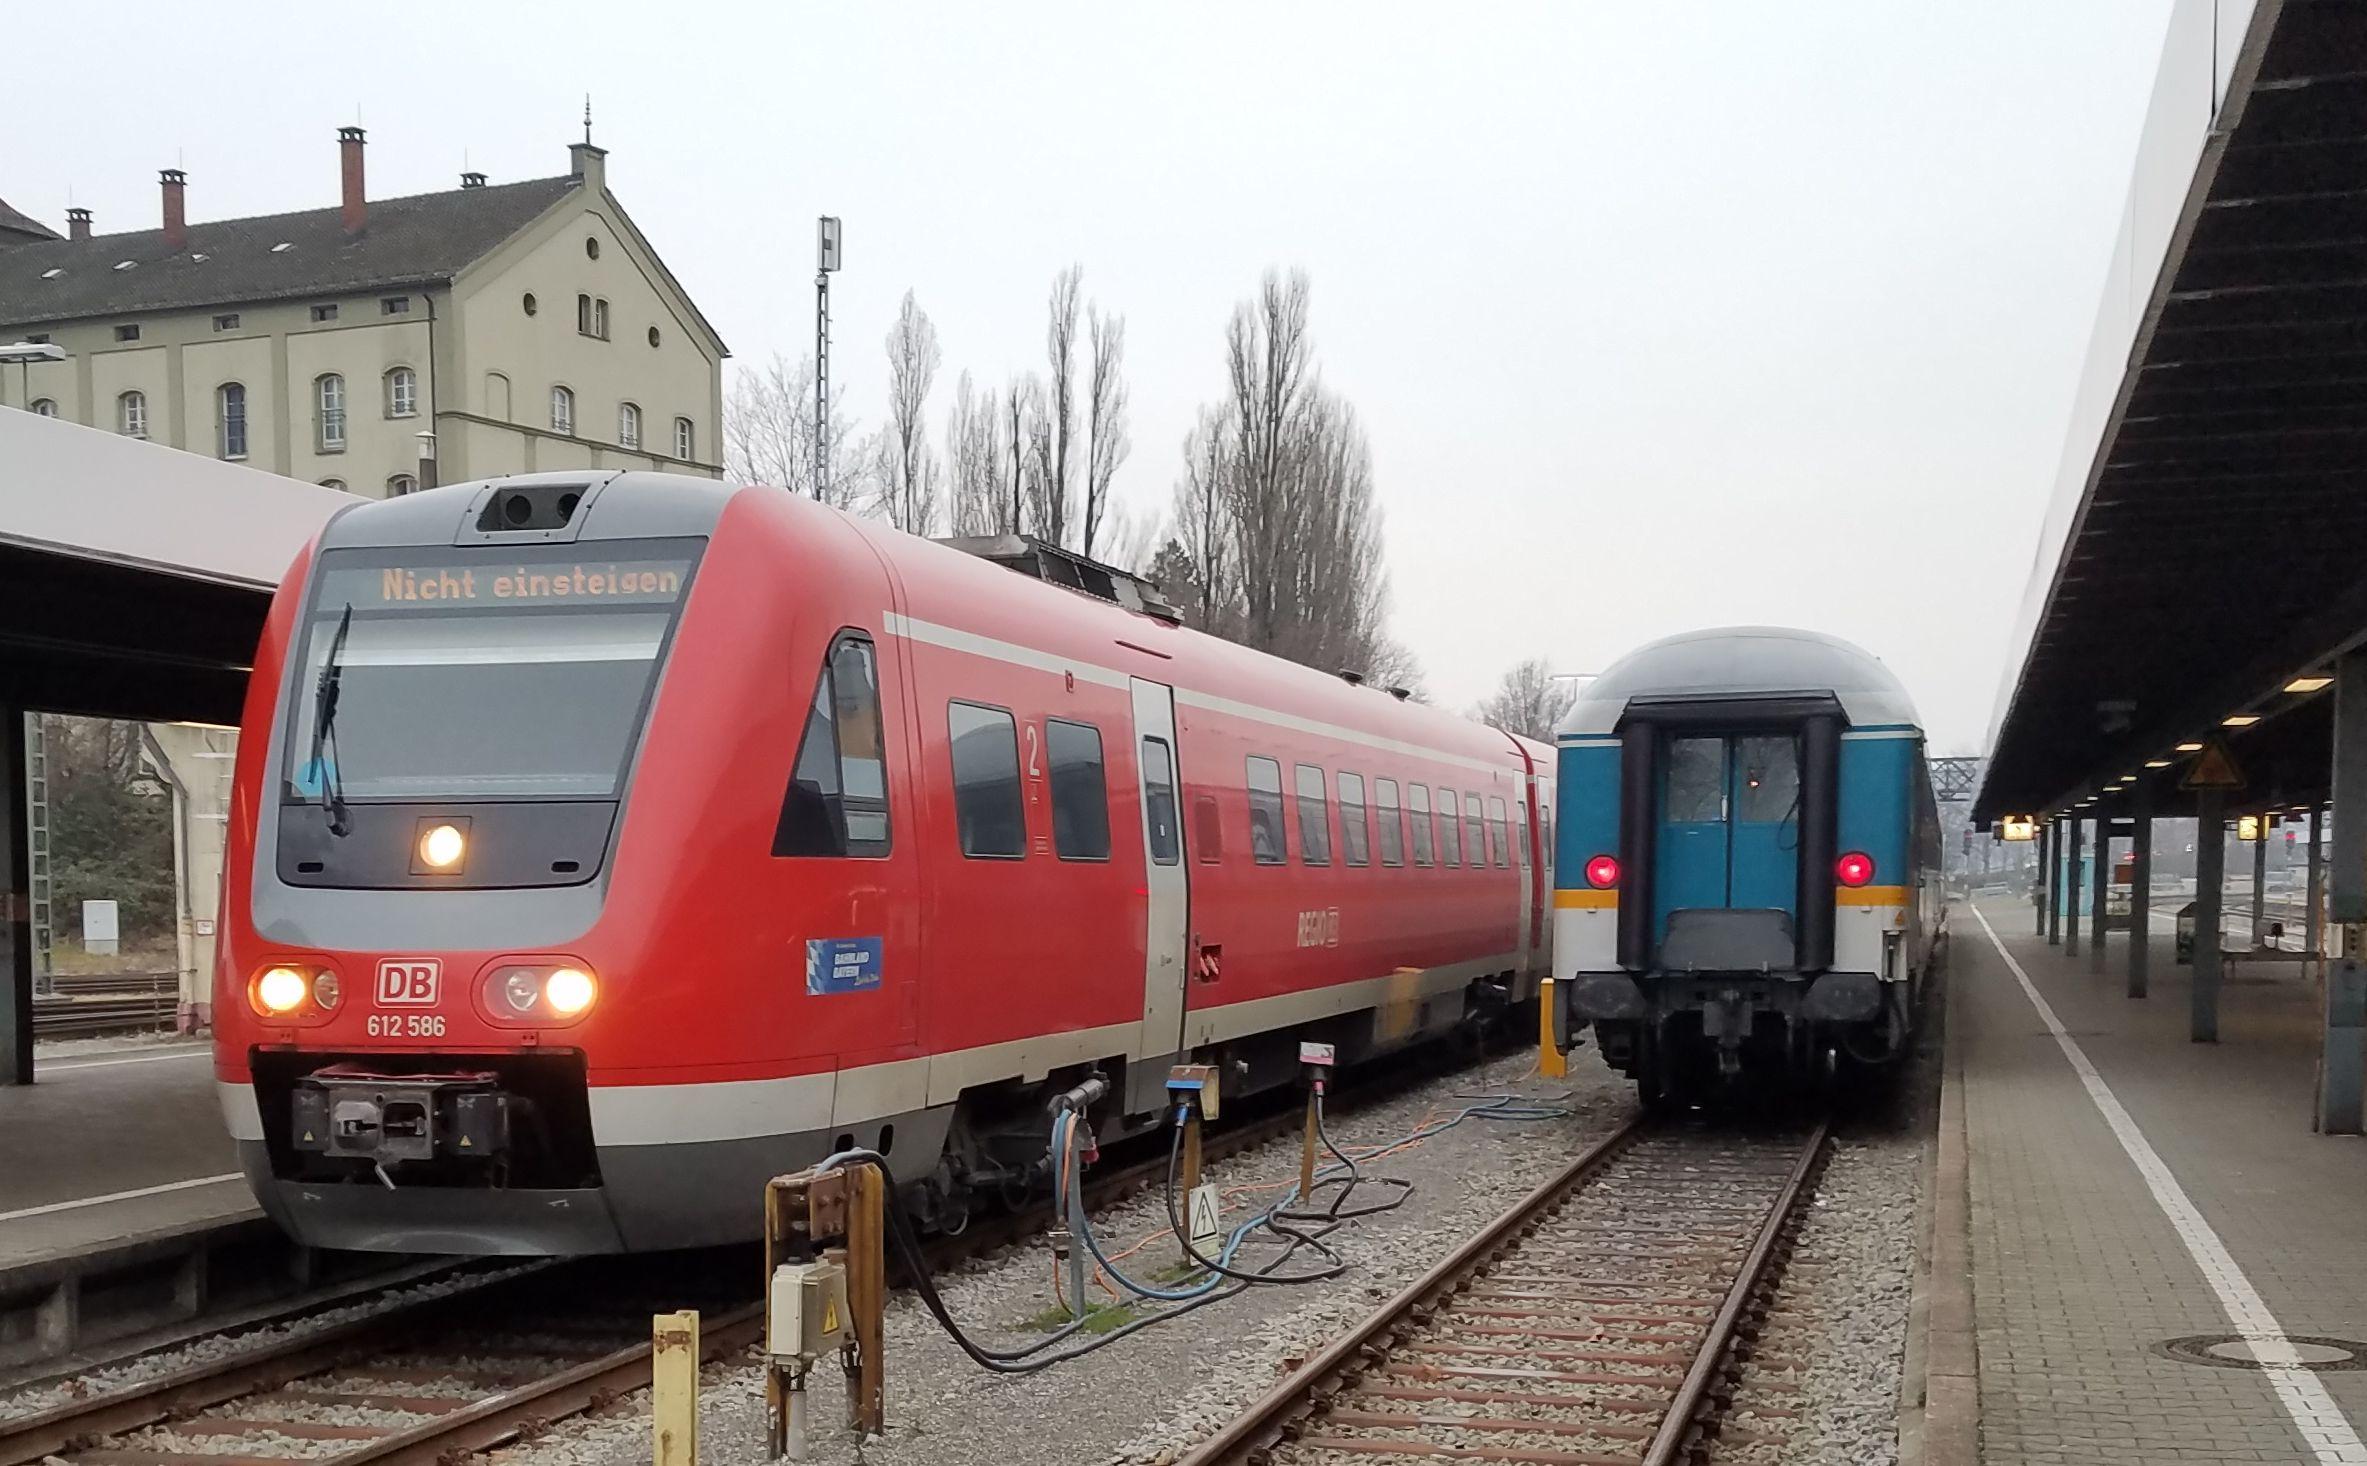 612 586, Lindau, 2018